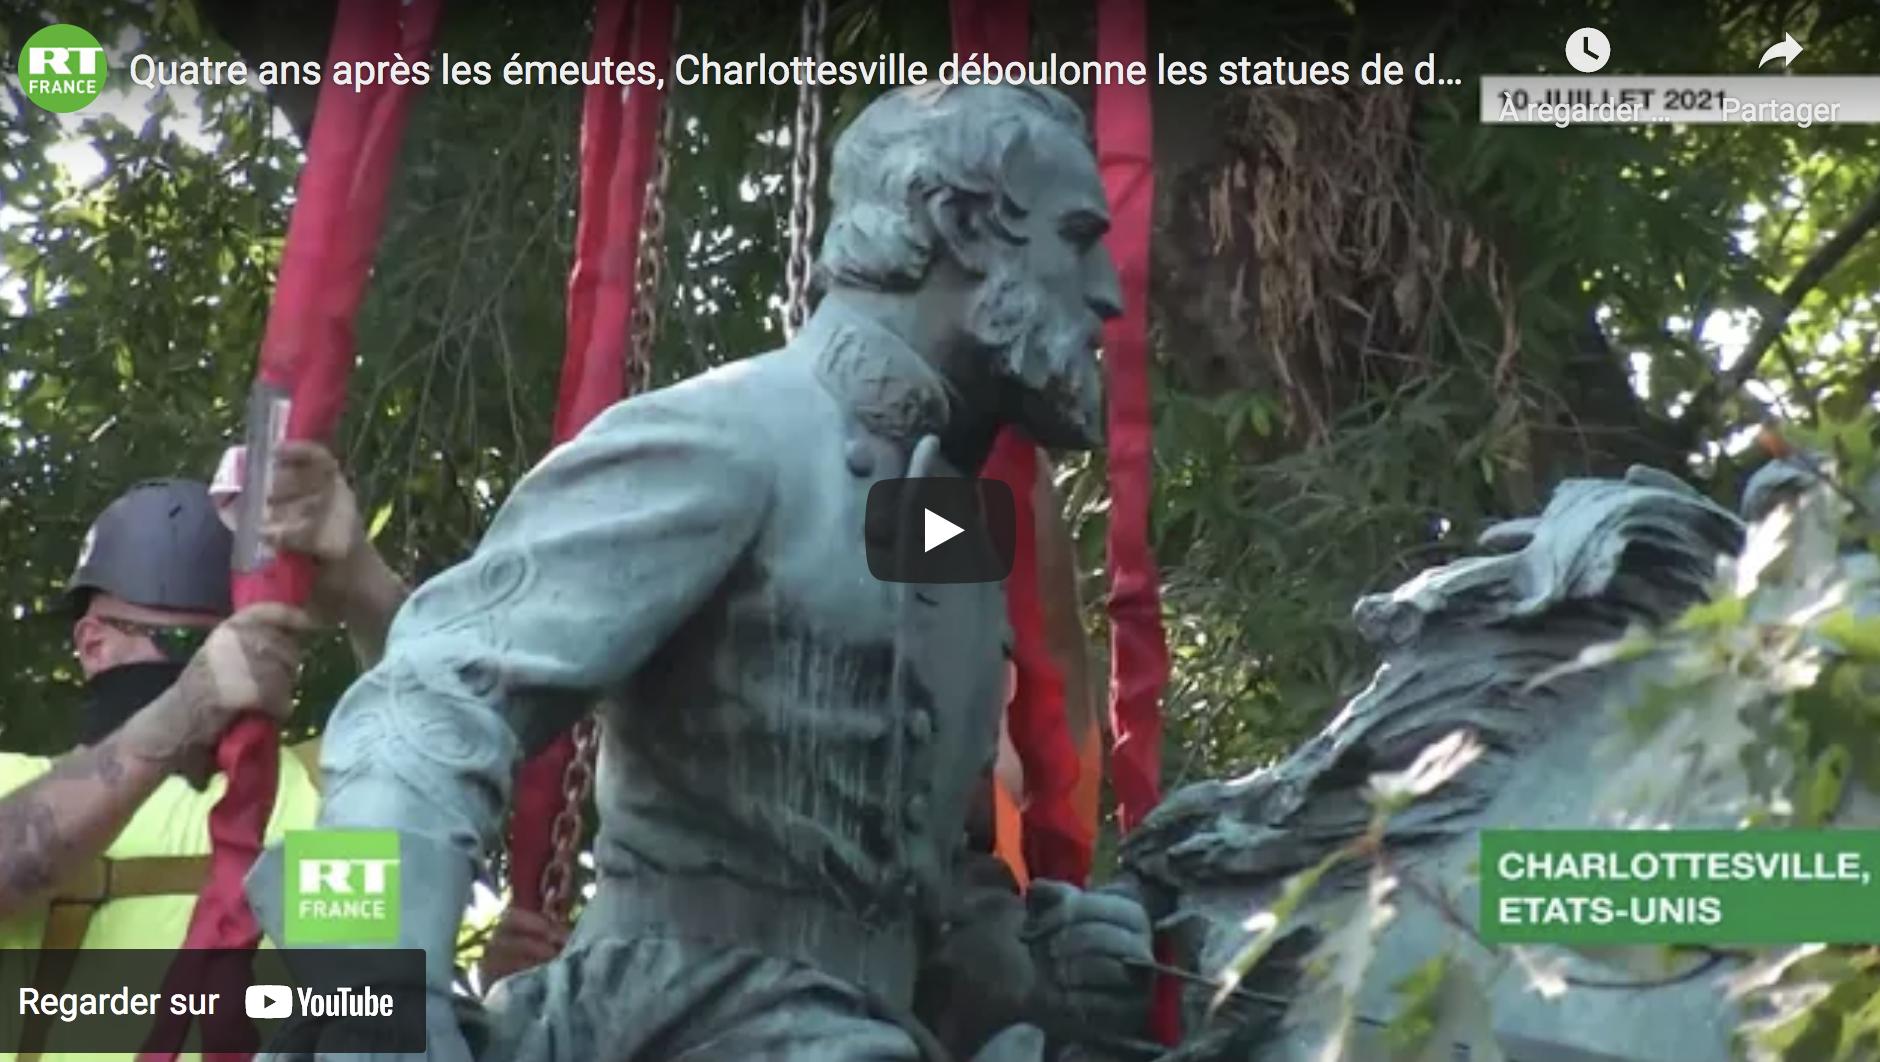 Quatre ans après les émeutes et sur ordre de la gauche, Charlottesville déboulonne les statues de deux généraux confédérés (VIDÉO)